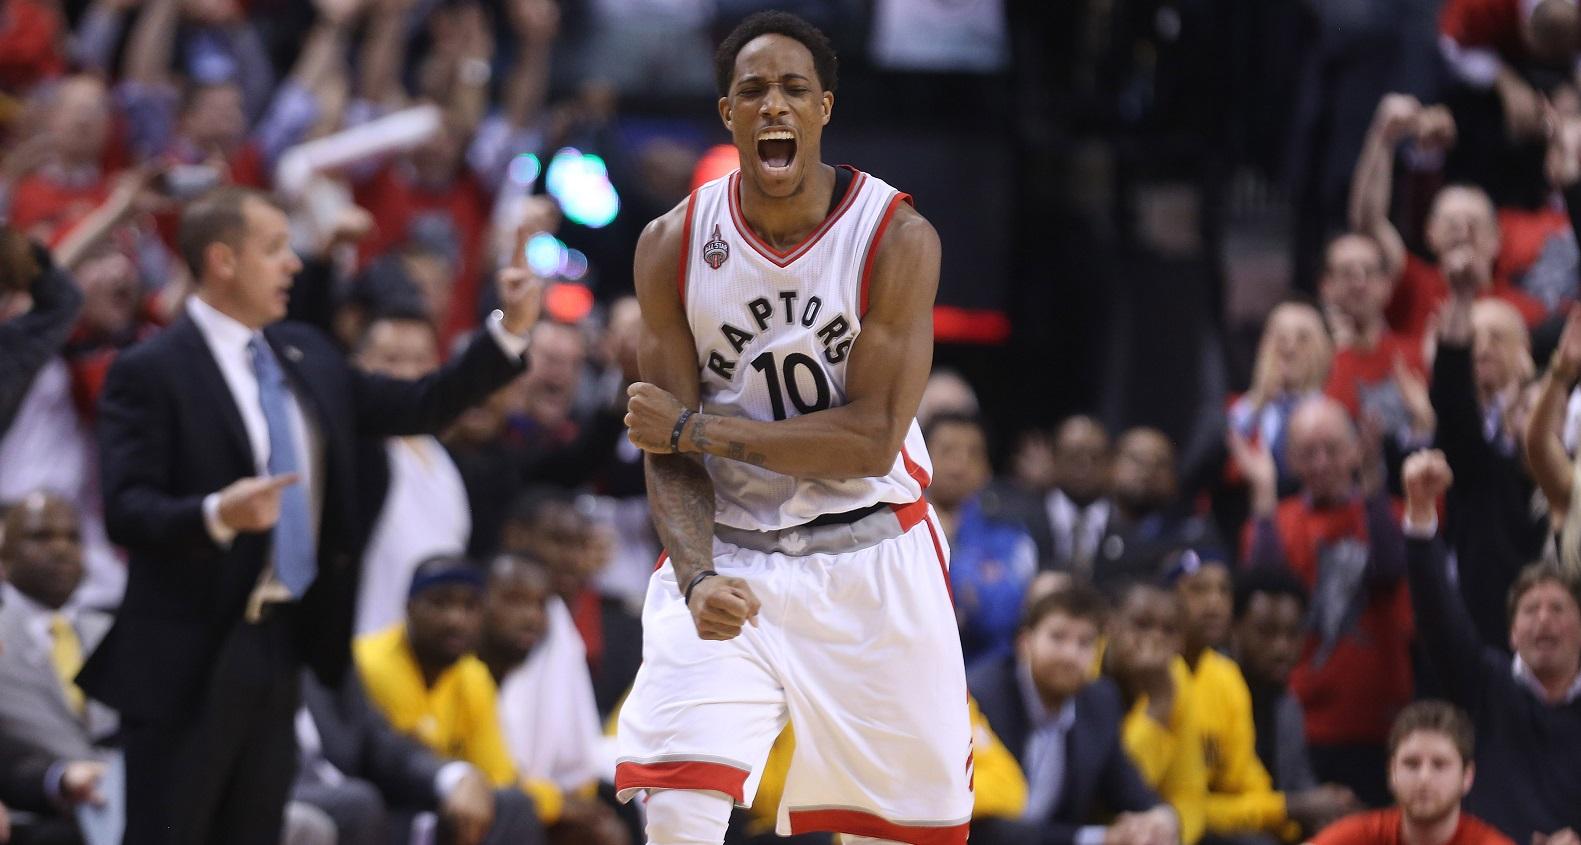 DeMar DeRozan drops 30, Raptors hang on for Game 7 win over Pacers